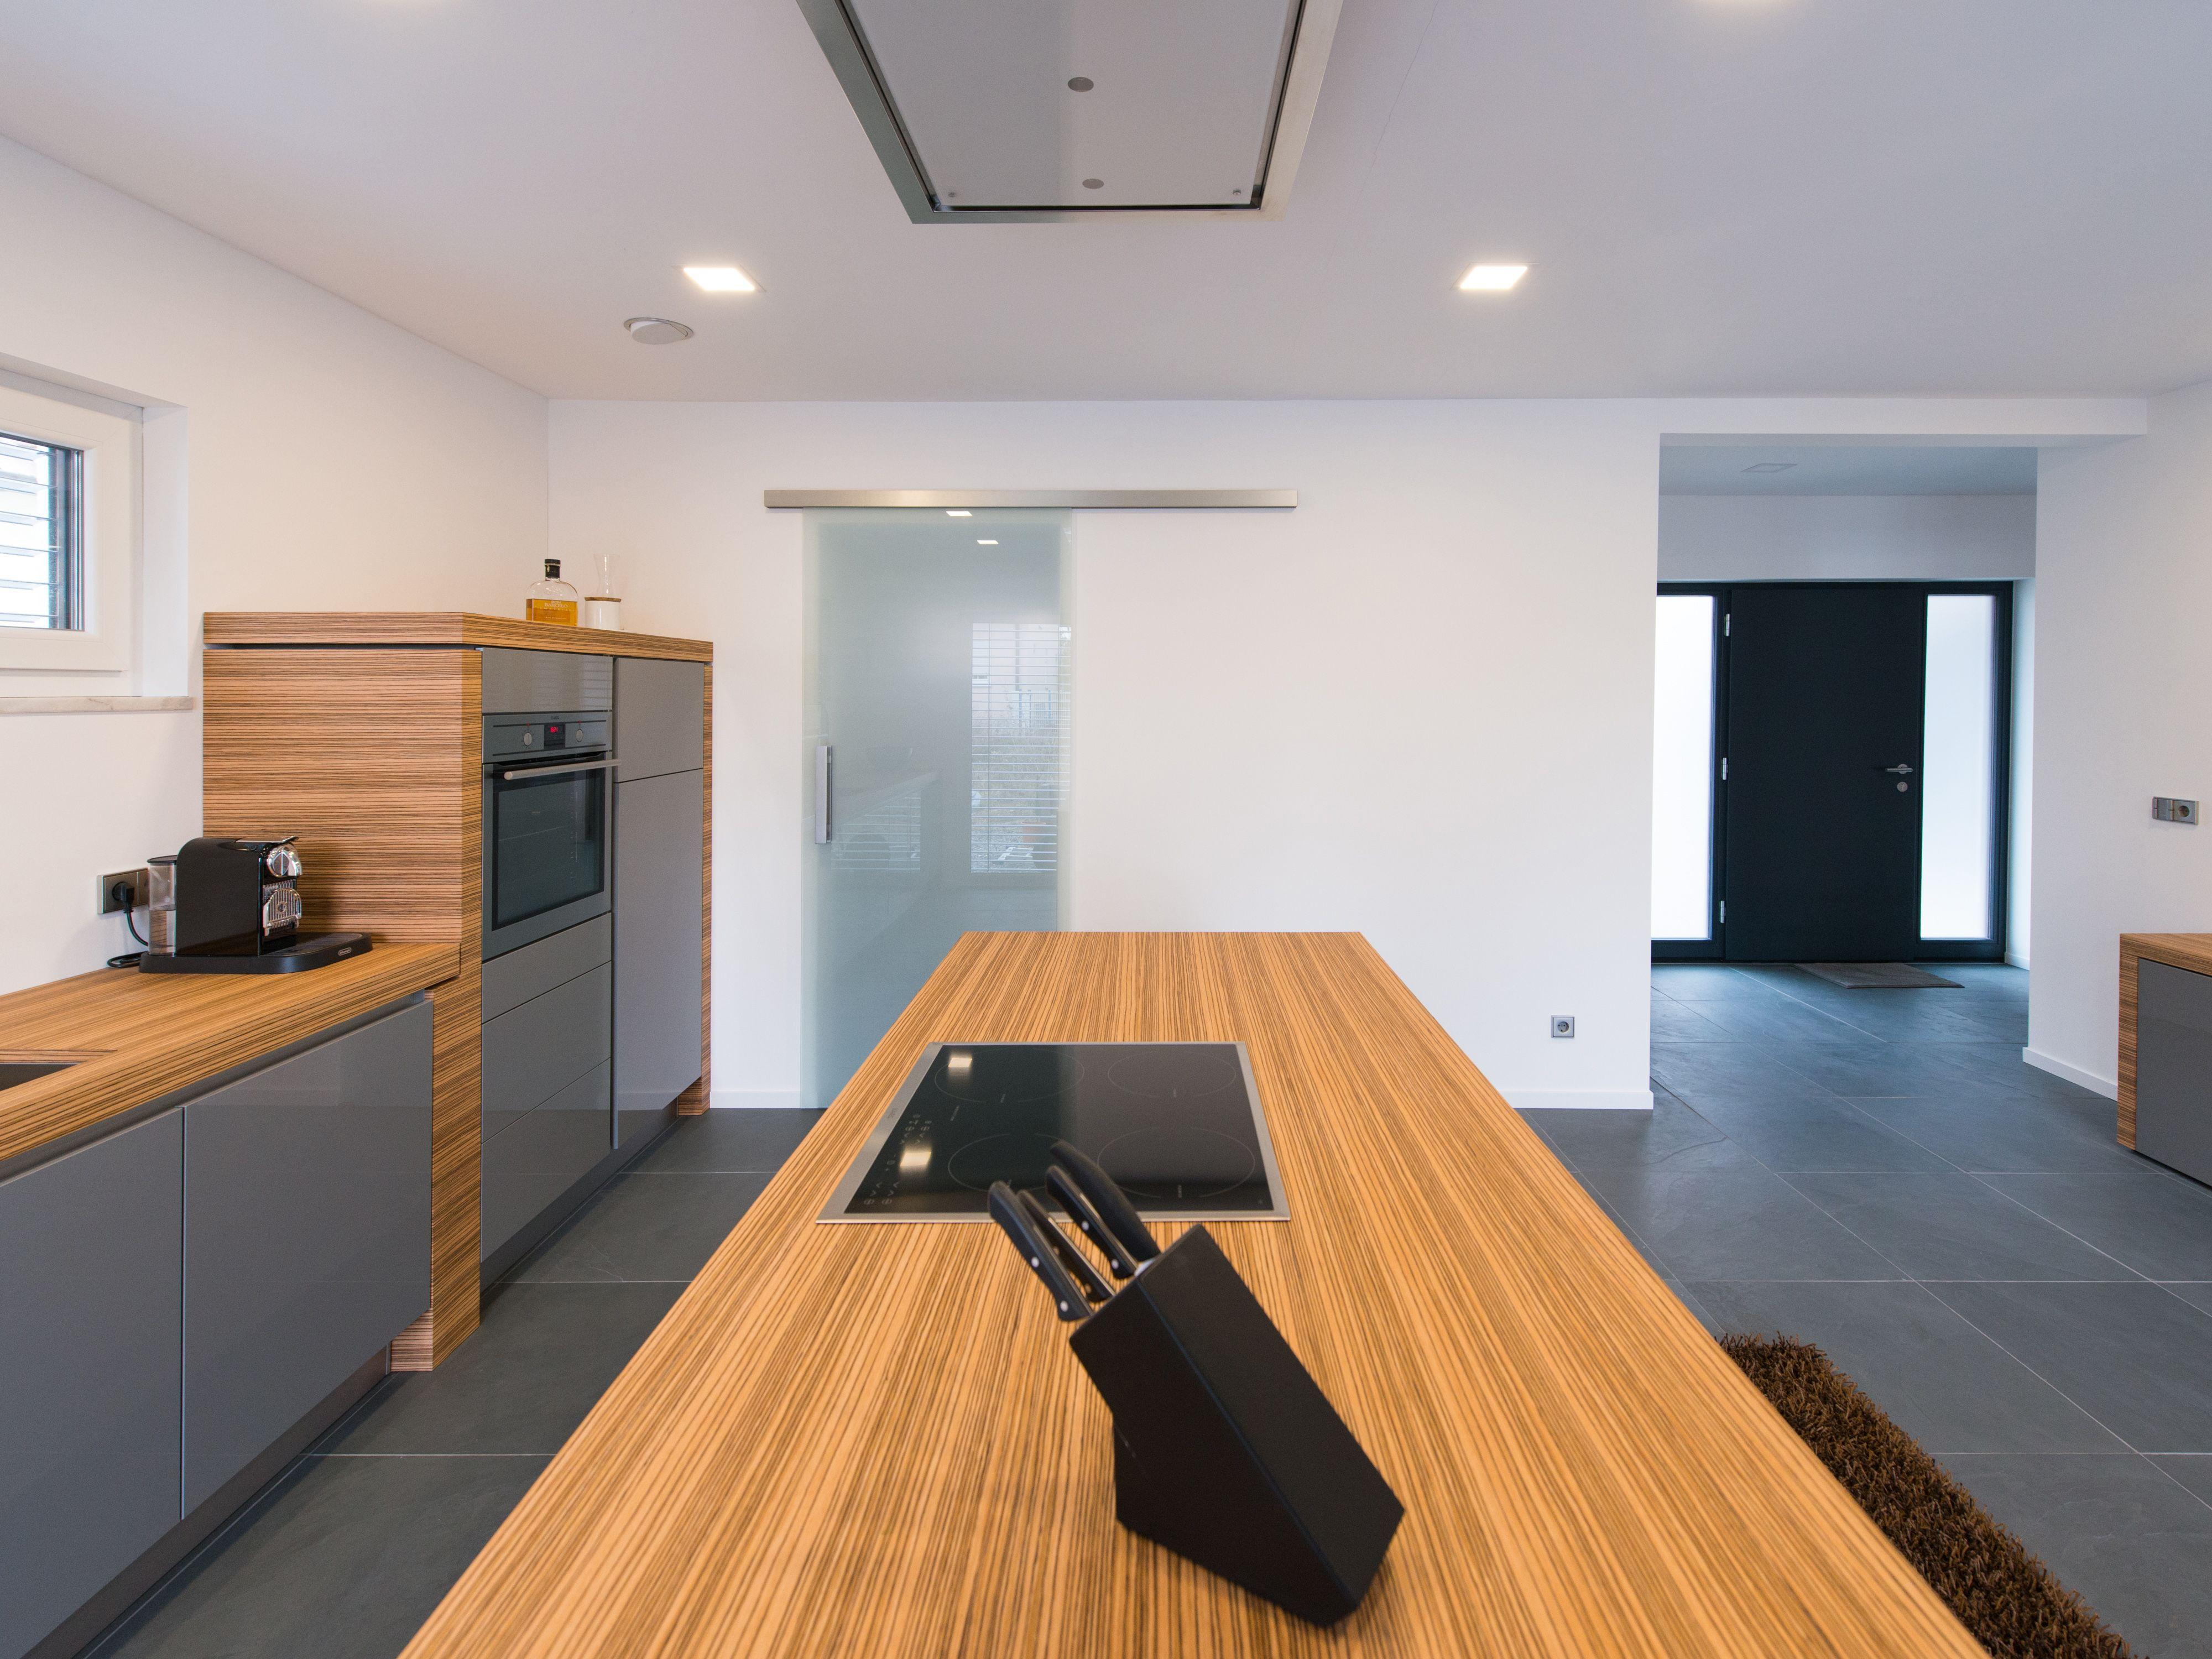 Modern, lässig und einladend: Diese Küche mit Schiefer-Boden kann ...